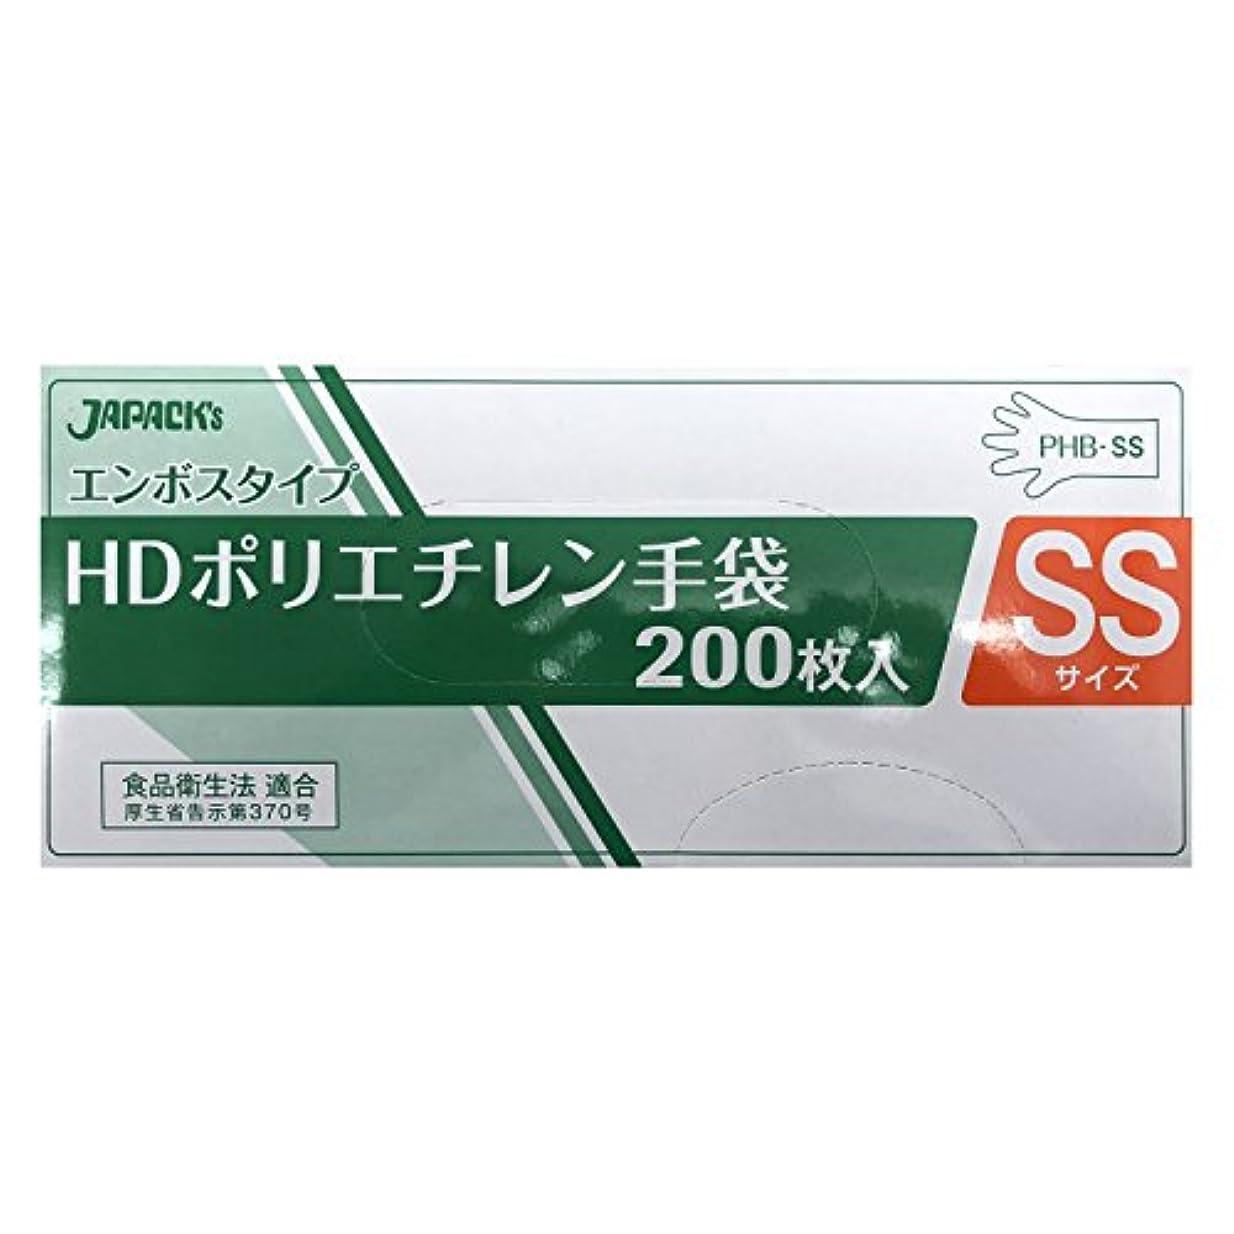 マトンいつでもデクリメントエンボスタイプ HDポリエチレン手袋 SSサイズ BOX 200枚入 無着色 PHB-SS